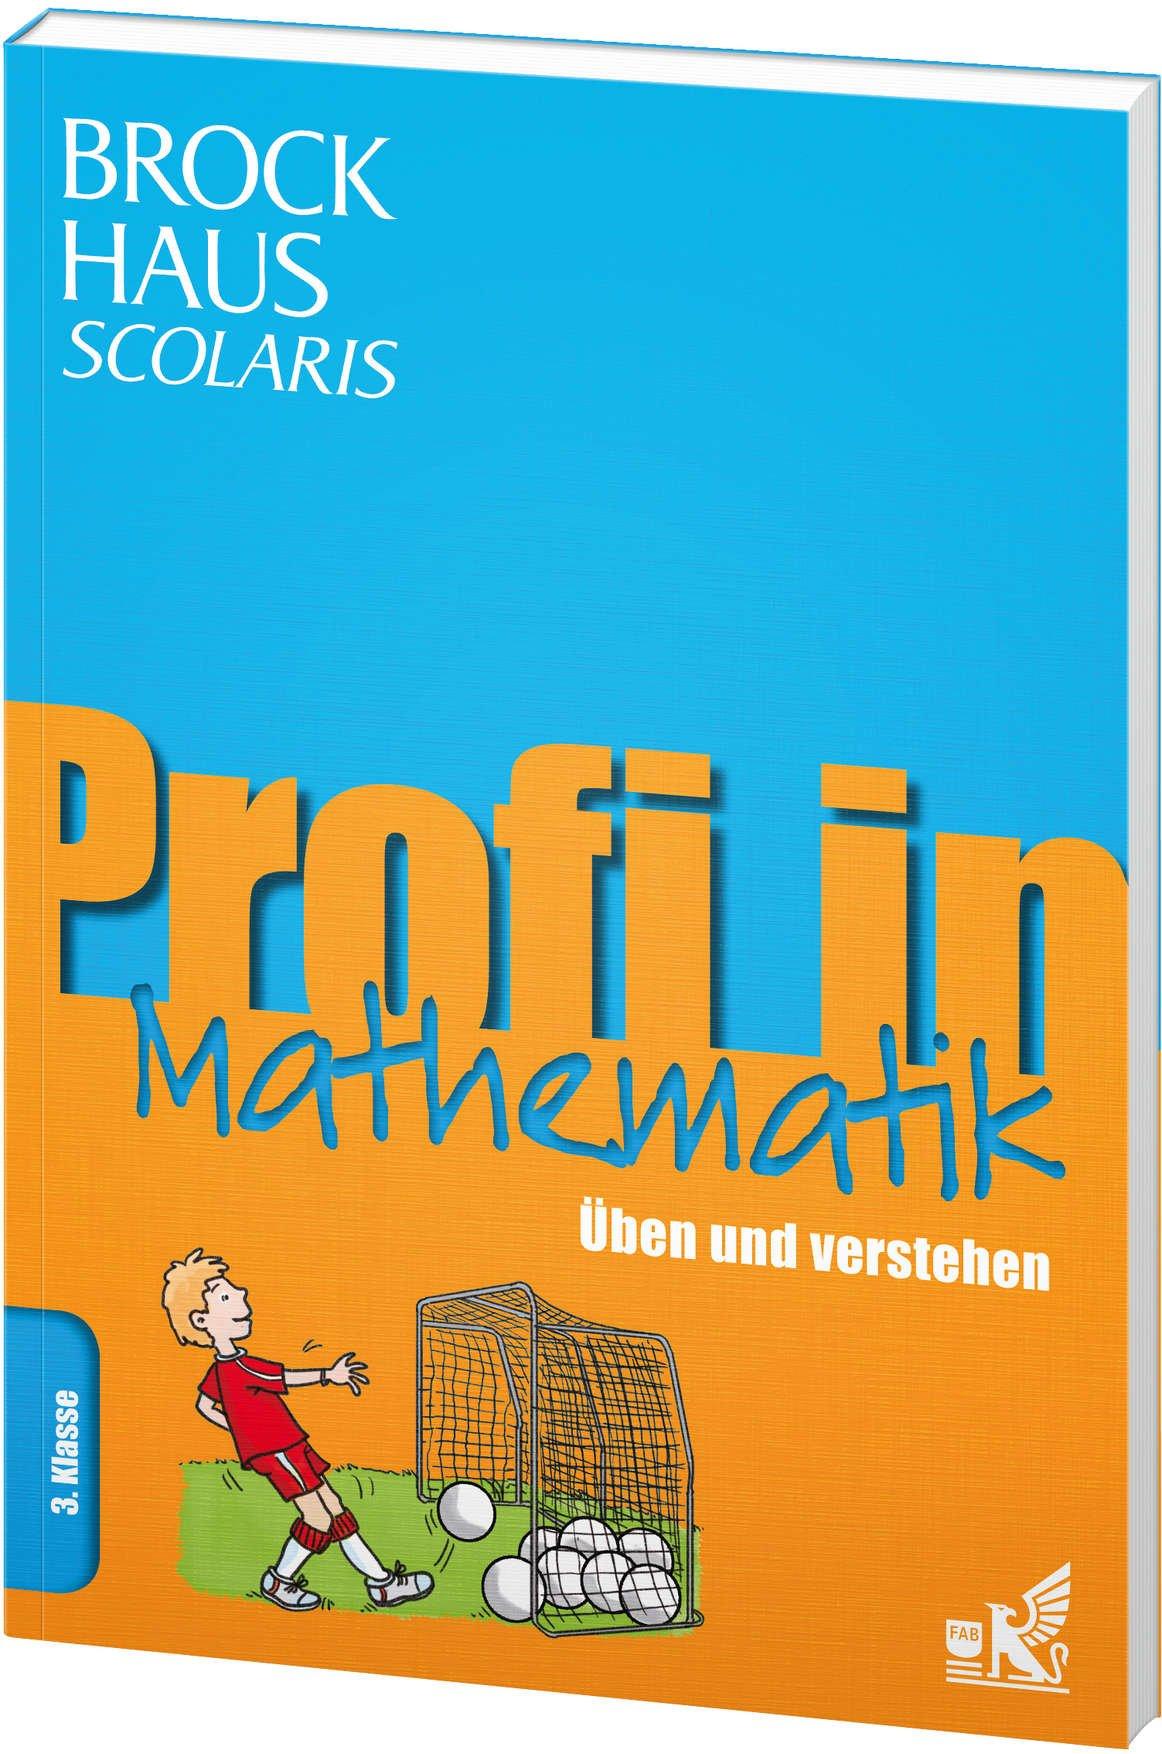 Brockhaus Scolaris Profi in Mathematik 3. Klasse: Üben und verstehen